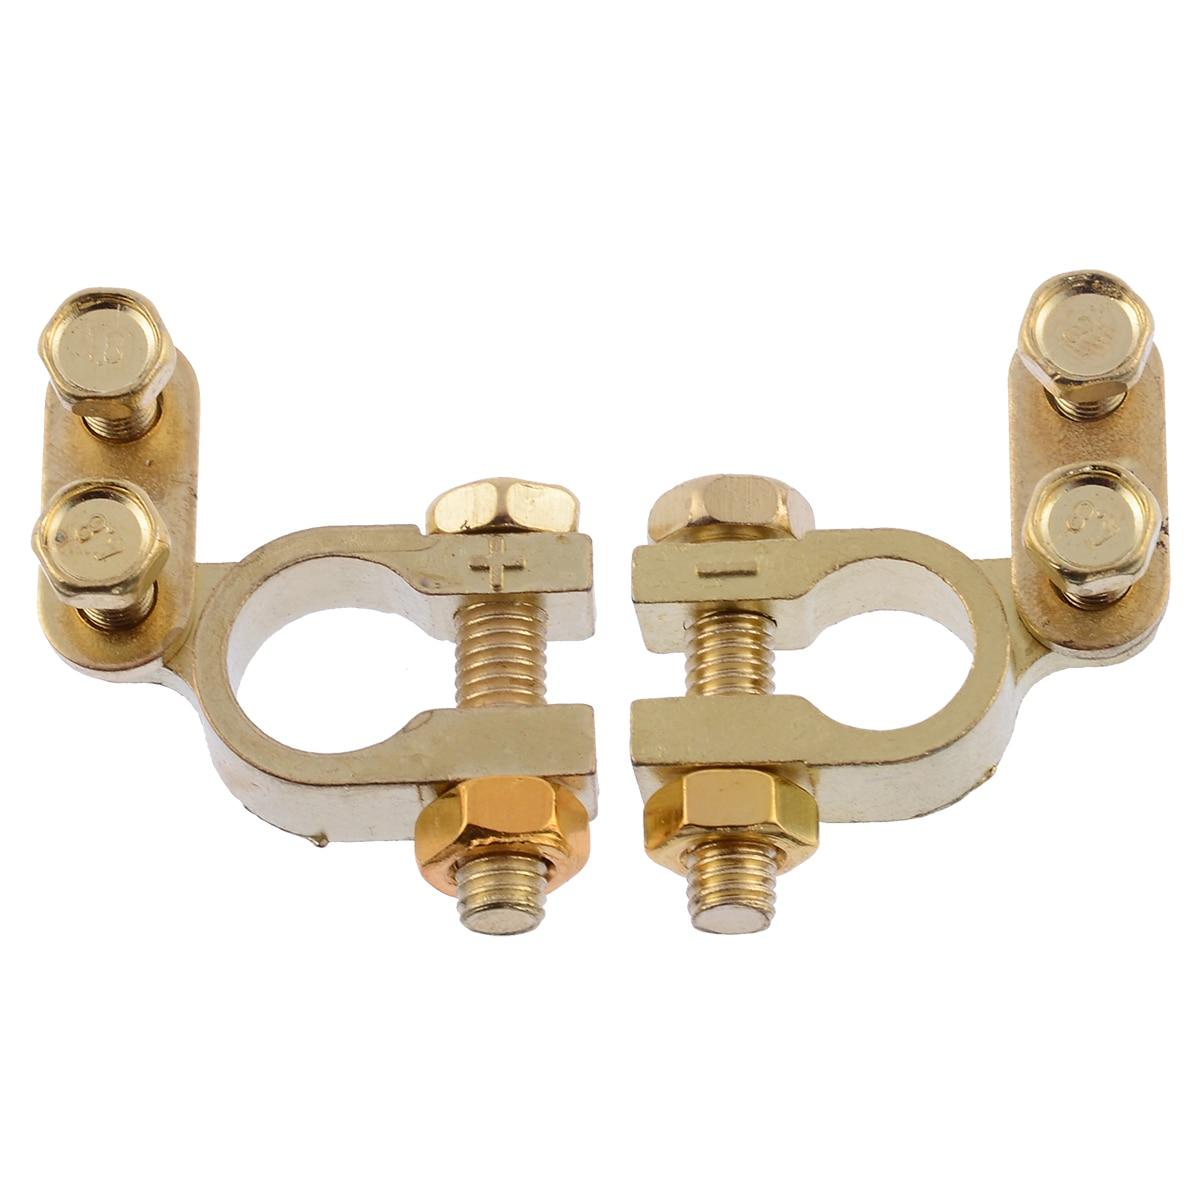 1 쌍 소형 자동차 배터리 단자 클램프 나사 연결 포지티브 및 네거티브 황동 케이블 커넥터 액세서리